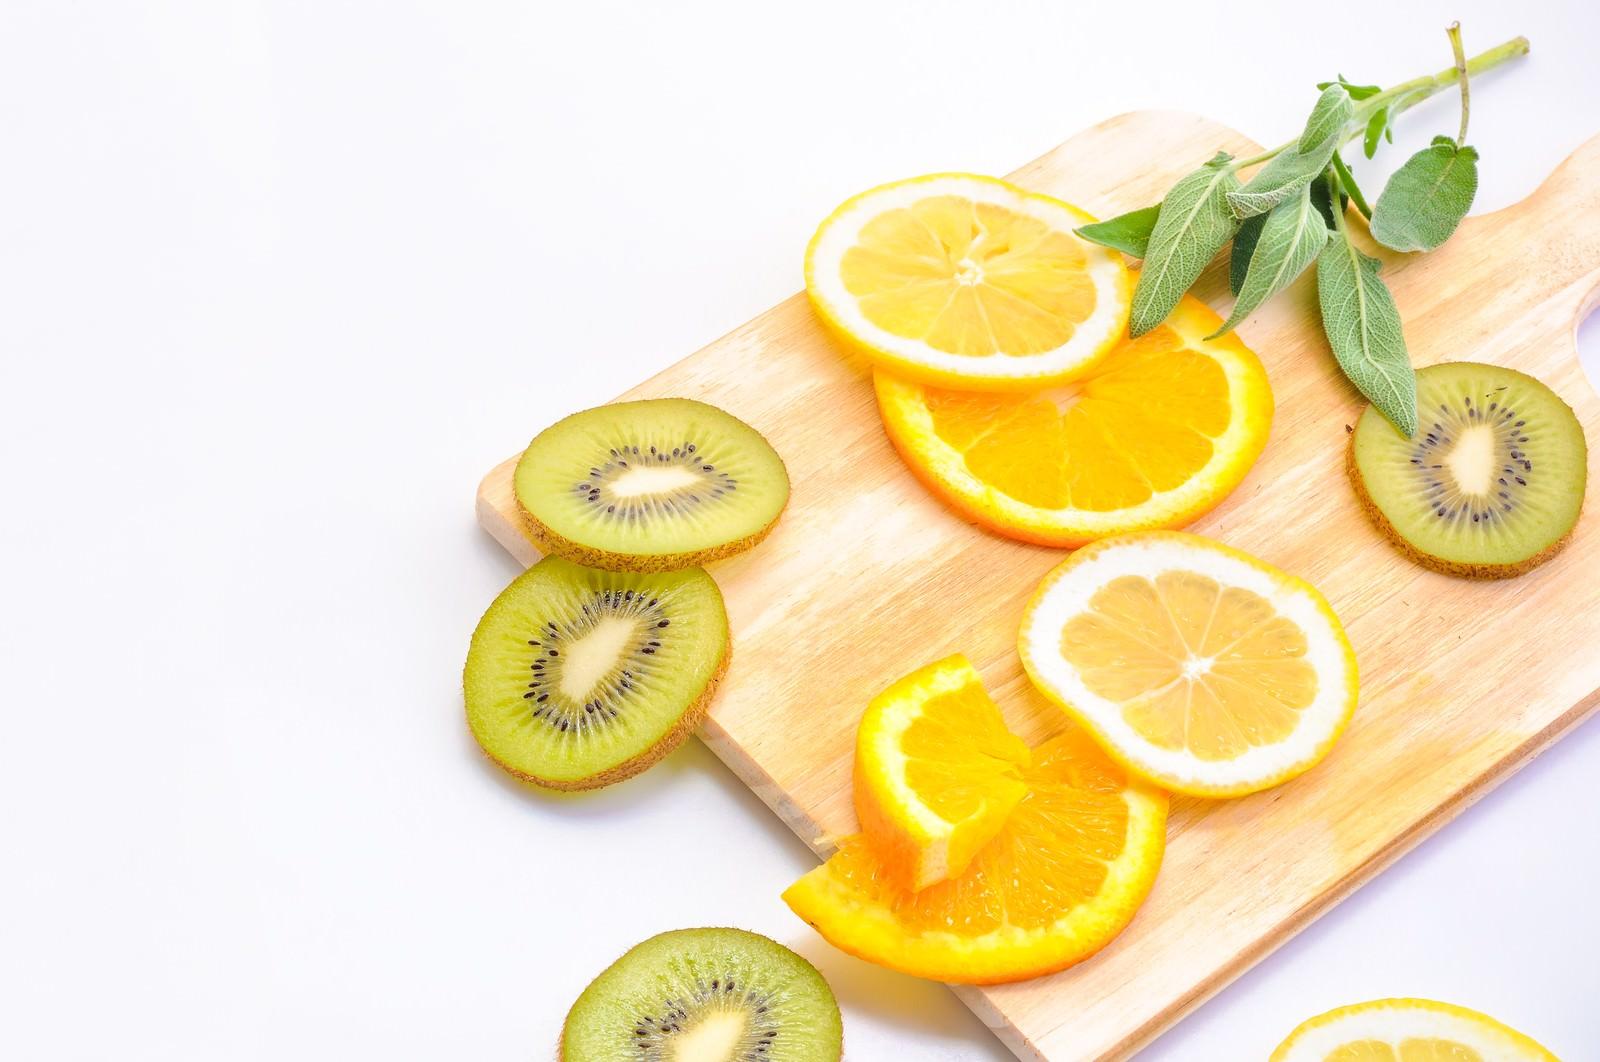 「レモンとキウイフルーツのカット」の写真